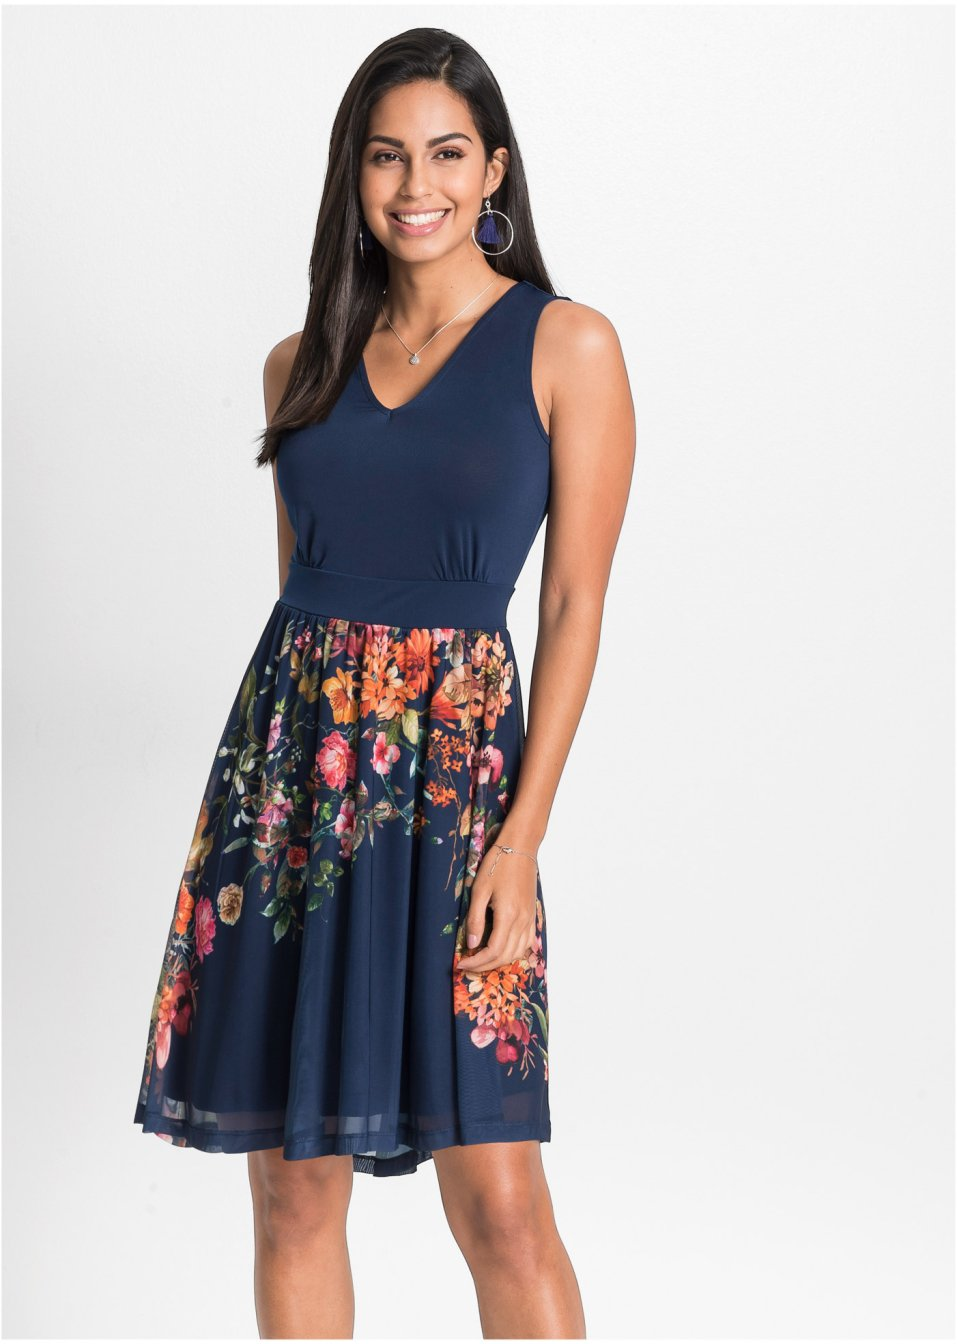 Žerzejové šaty se síťovanou sukní půlnočně modrá s květy - BODYFLIRT -  bonprix.cz 52c17f017f